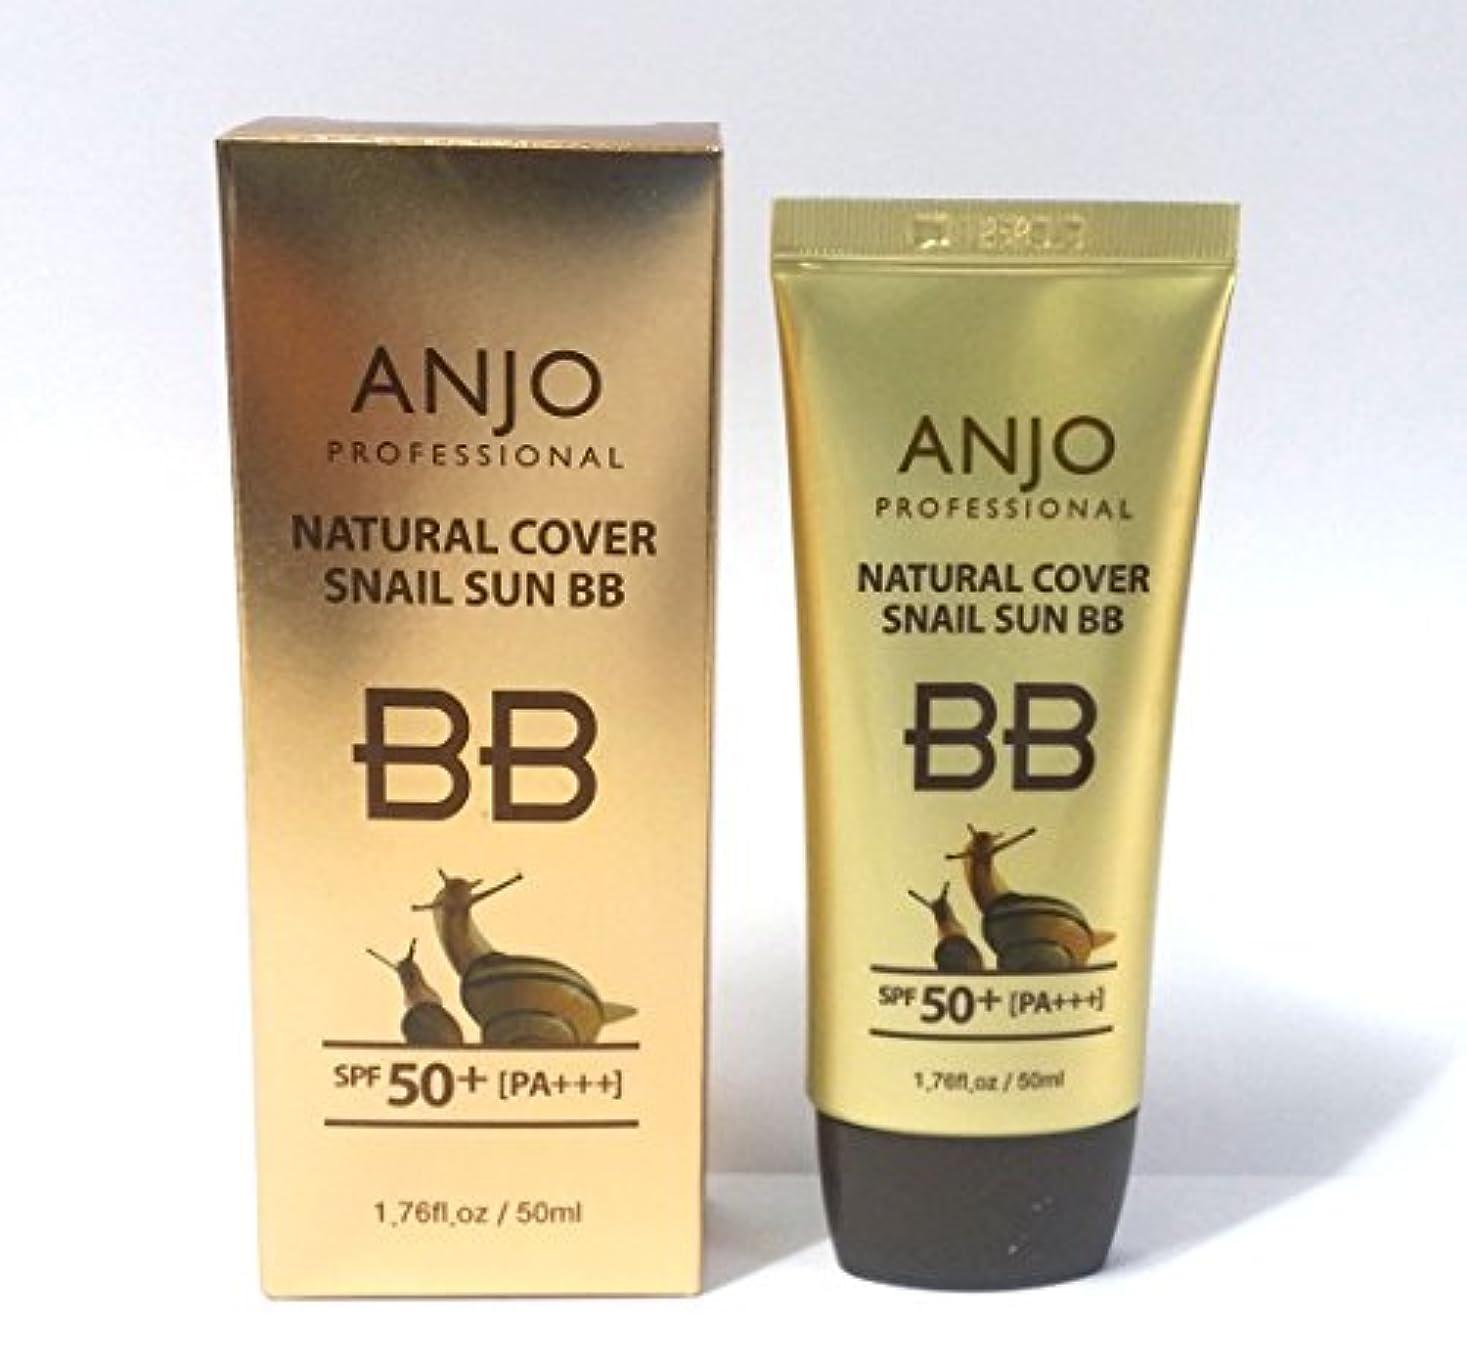 ポンプヘッドレス出力[ANJO] ナチュラルカバーカタツムリサンBBクリームSPF 50 + PA +++ 50ml X 3EA /メイクアップベース/カタツムリ粘液 / Natural Cover Snail Sun BB Cream SPF...